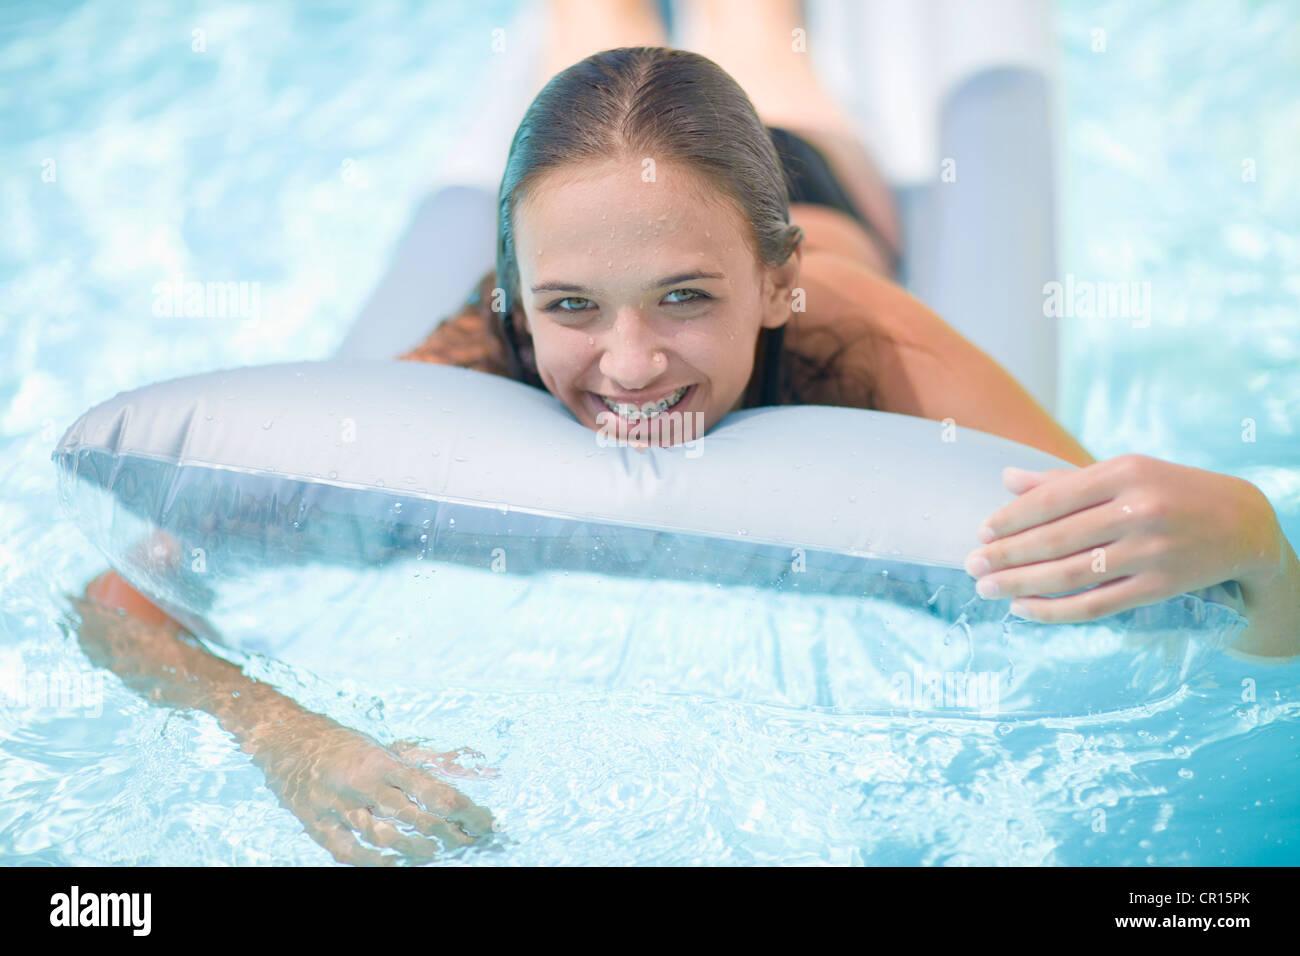 Teenage girl in braces relaxing in pool - Stock Image